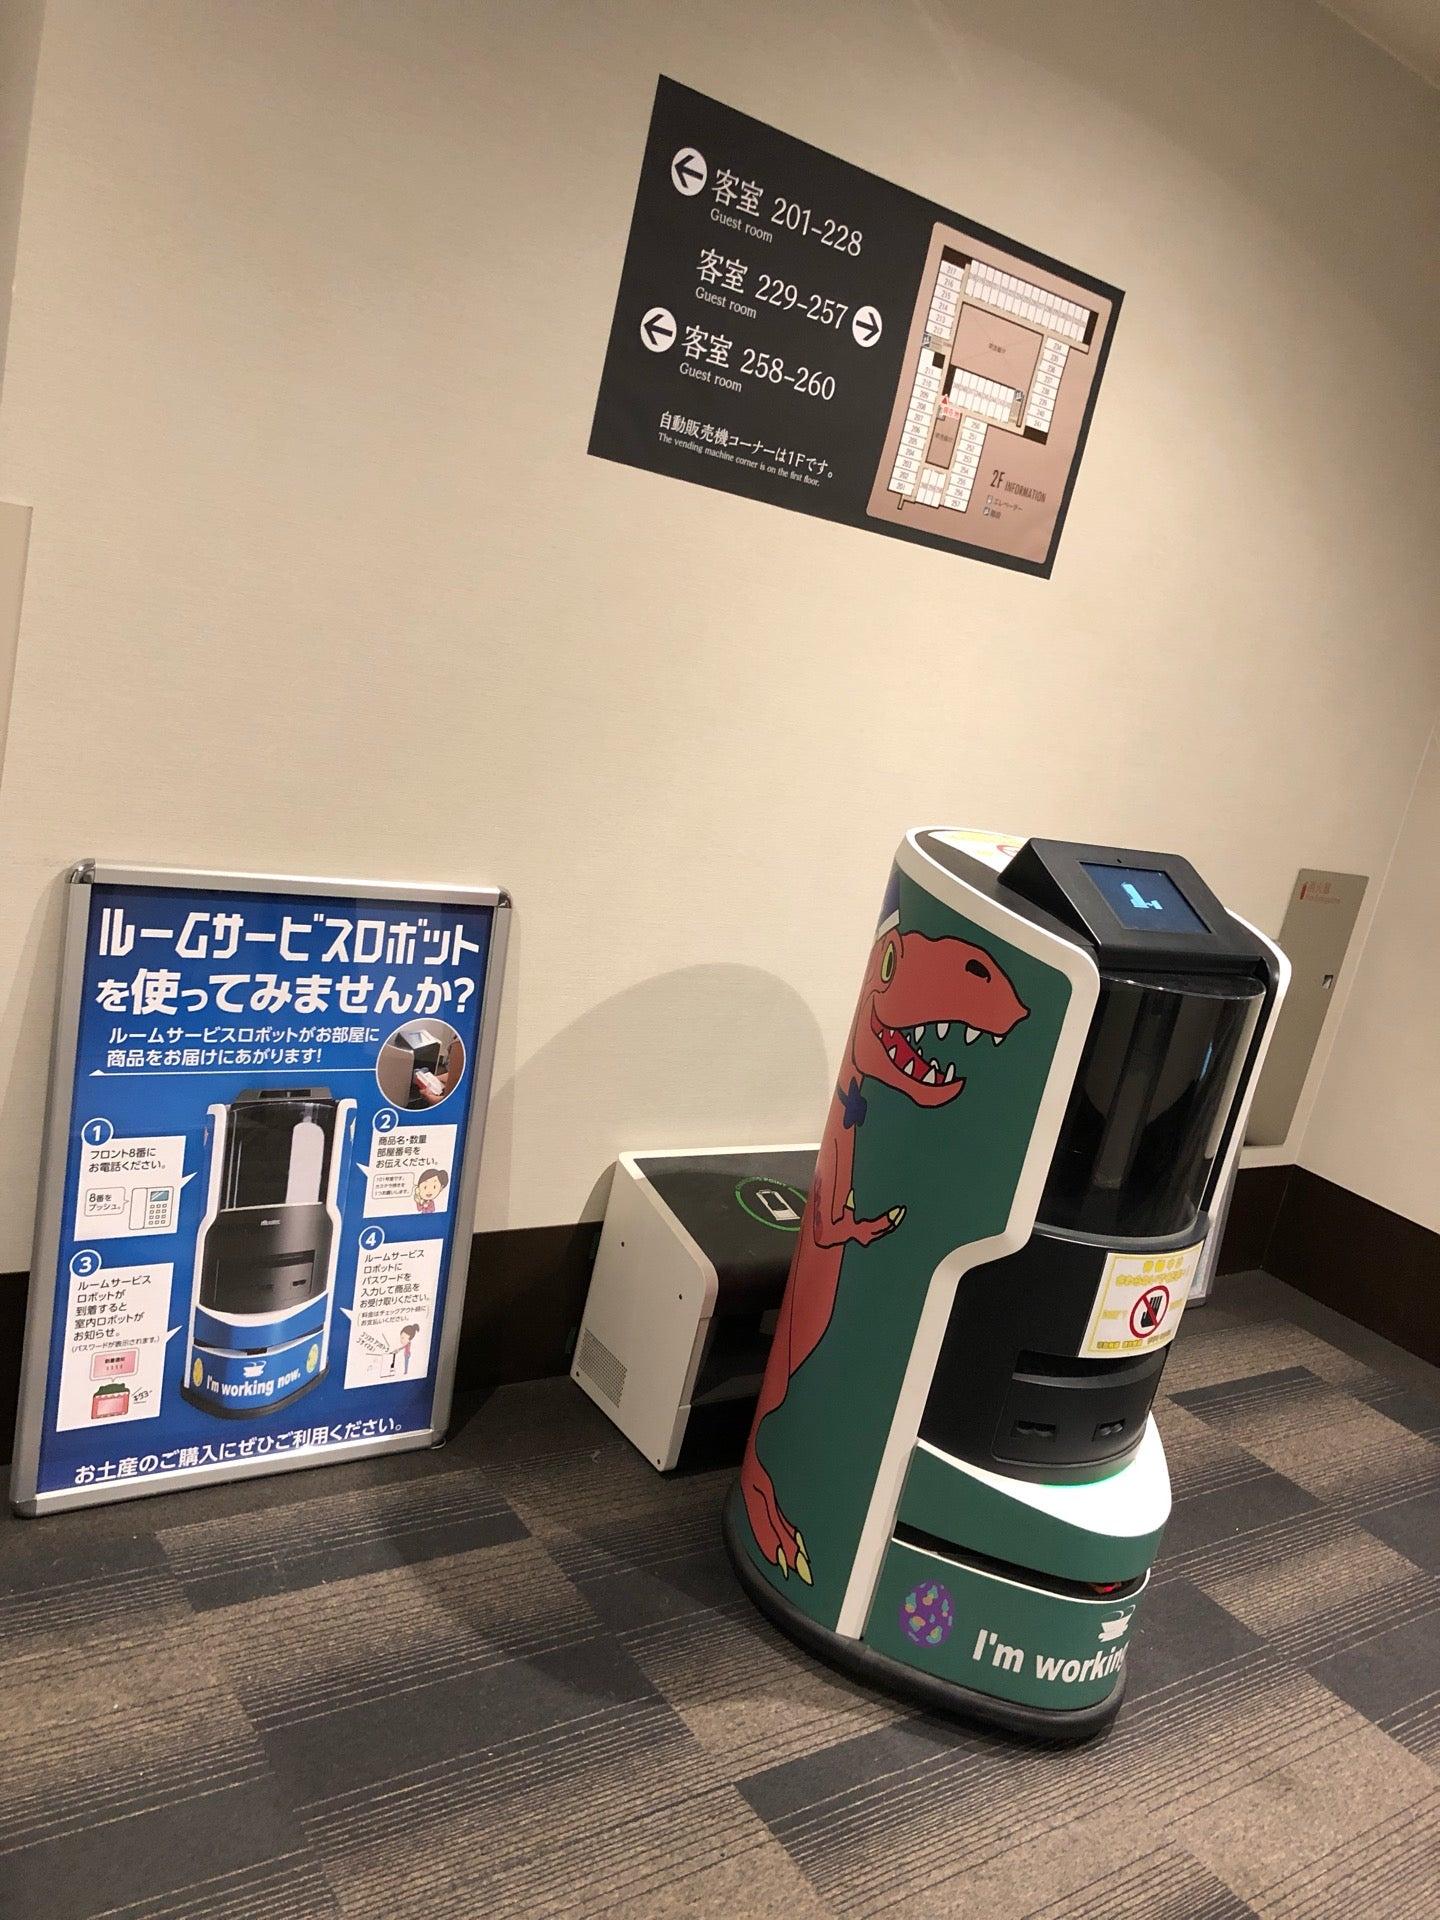 ルームサービスロボット (@ 変なホテル ラグーナテンボス in 蒲郡市, 愛知県) https://t.co/bNeykcGLlE https://t.co/HuMeoMymcR